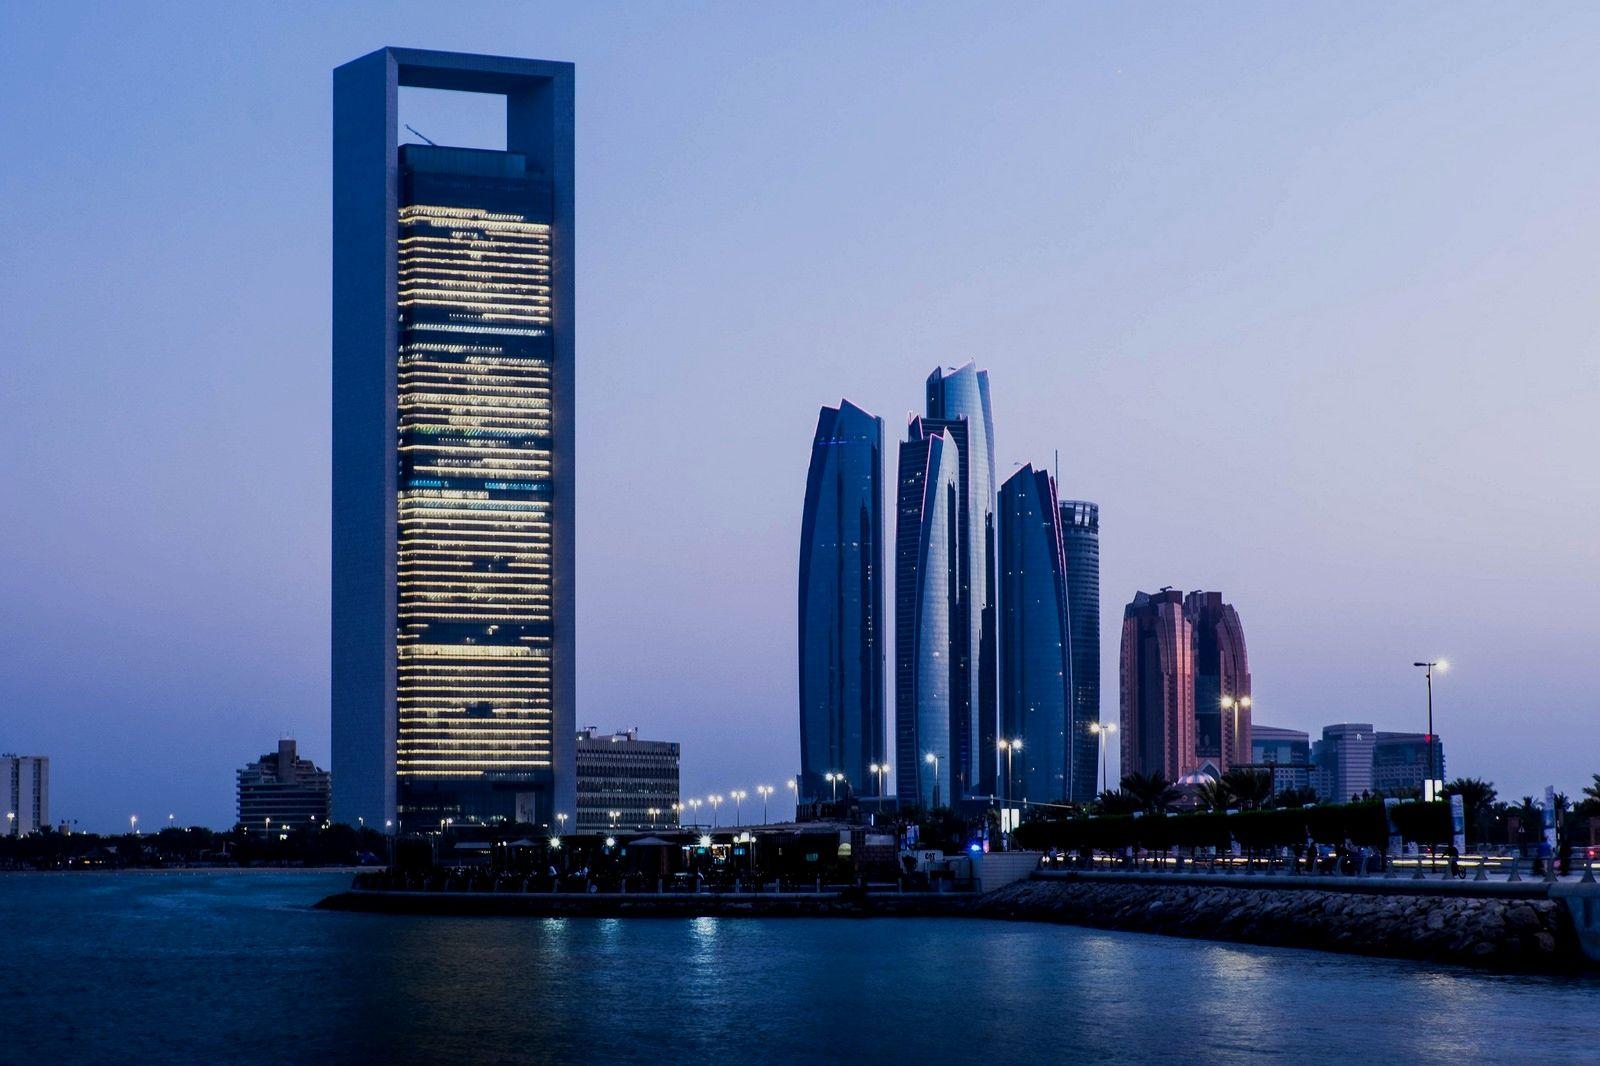 United Arab Emirates Architecture (1168) tourism